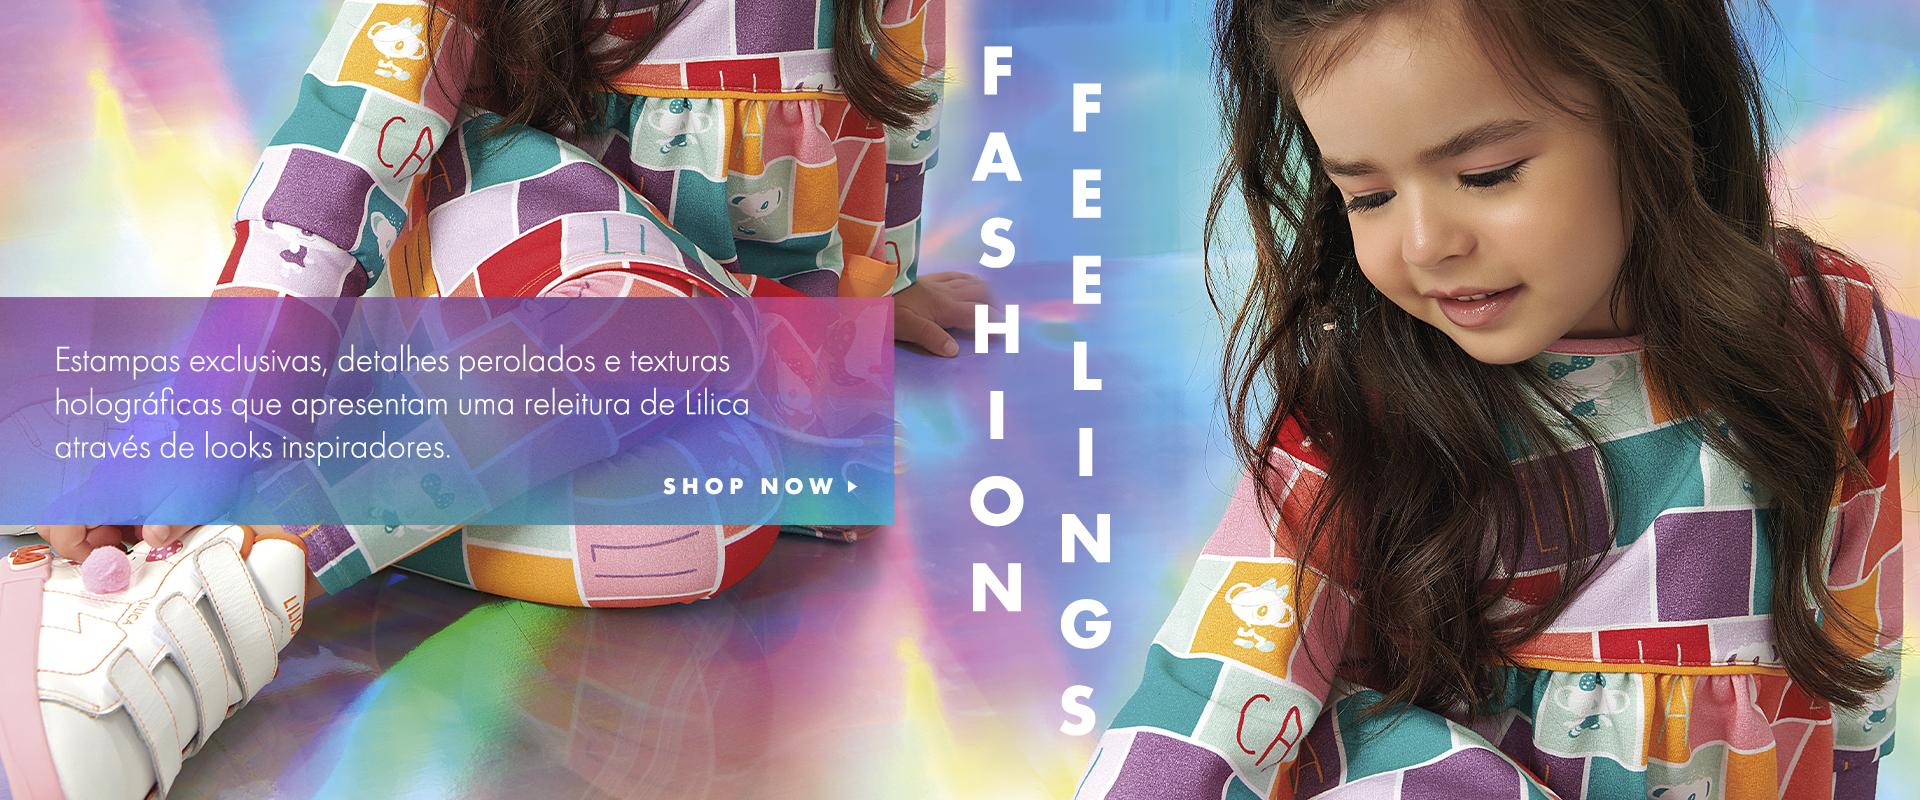 Fashion Fellings